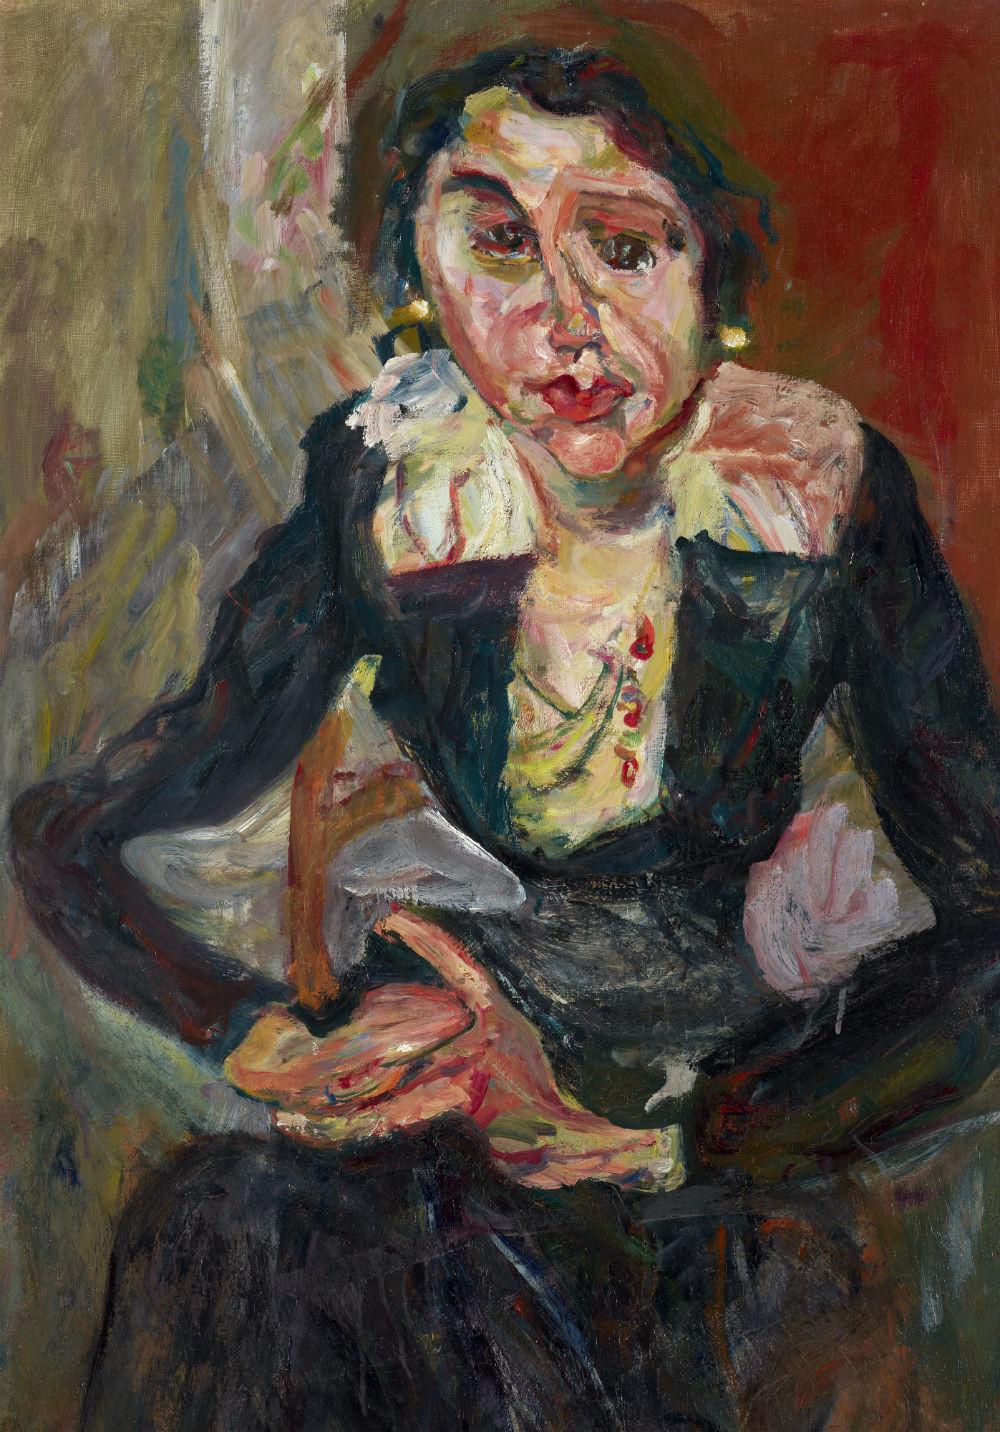 La robre verte, 1920-1921